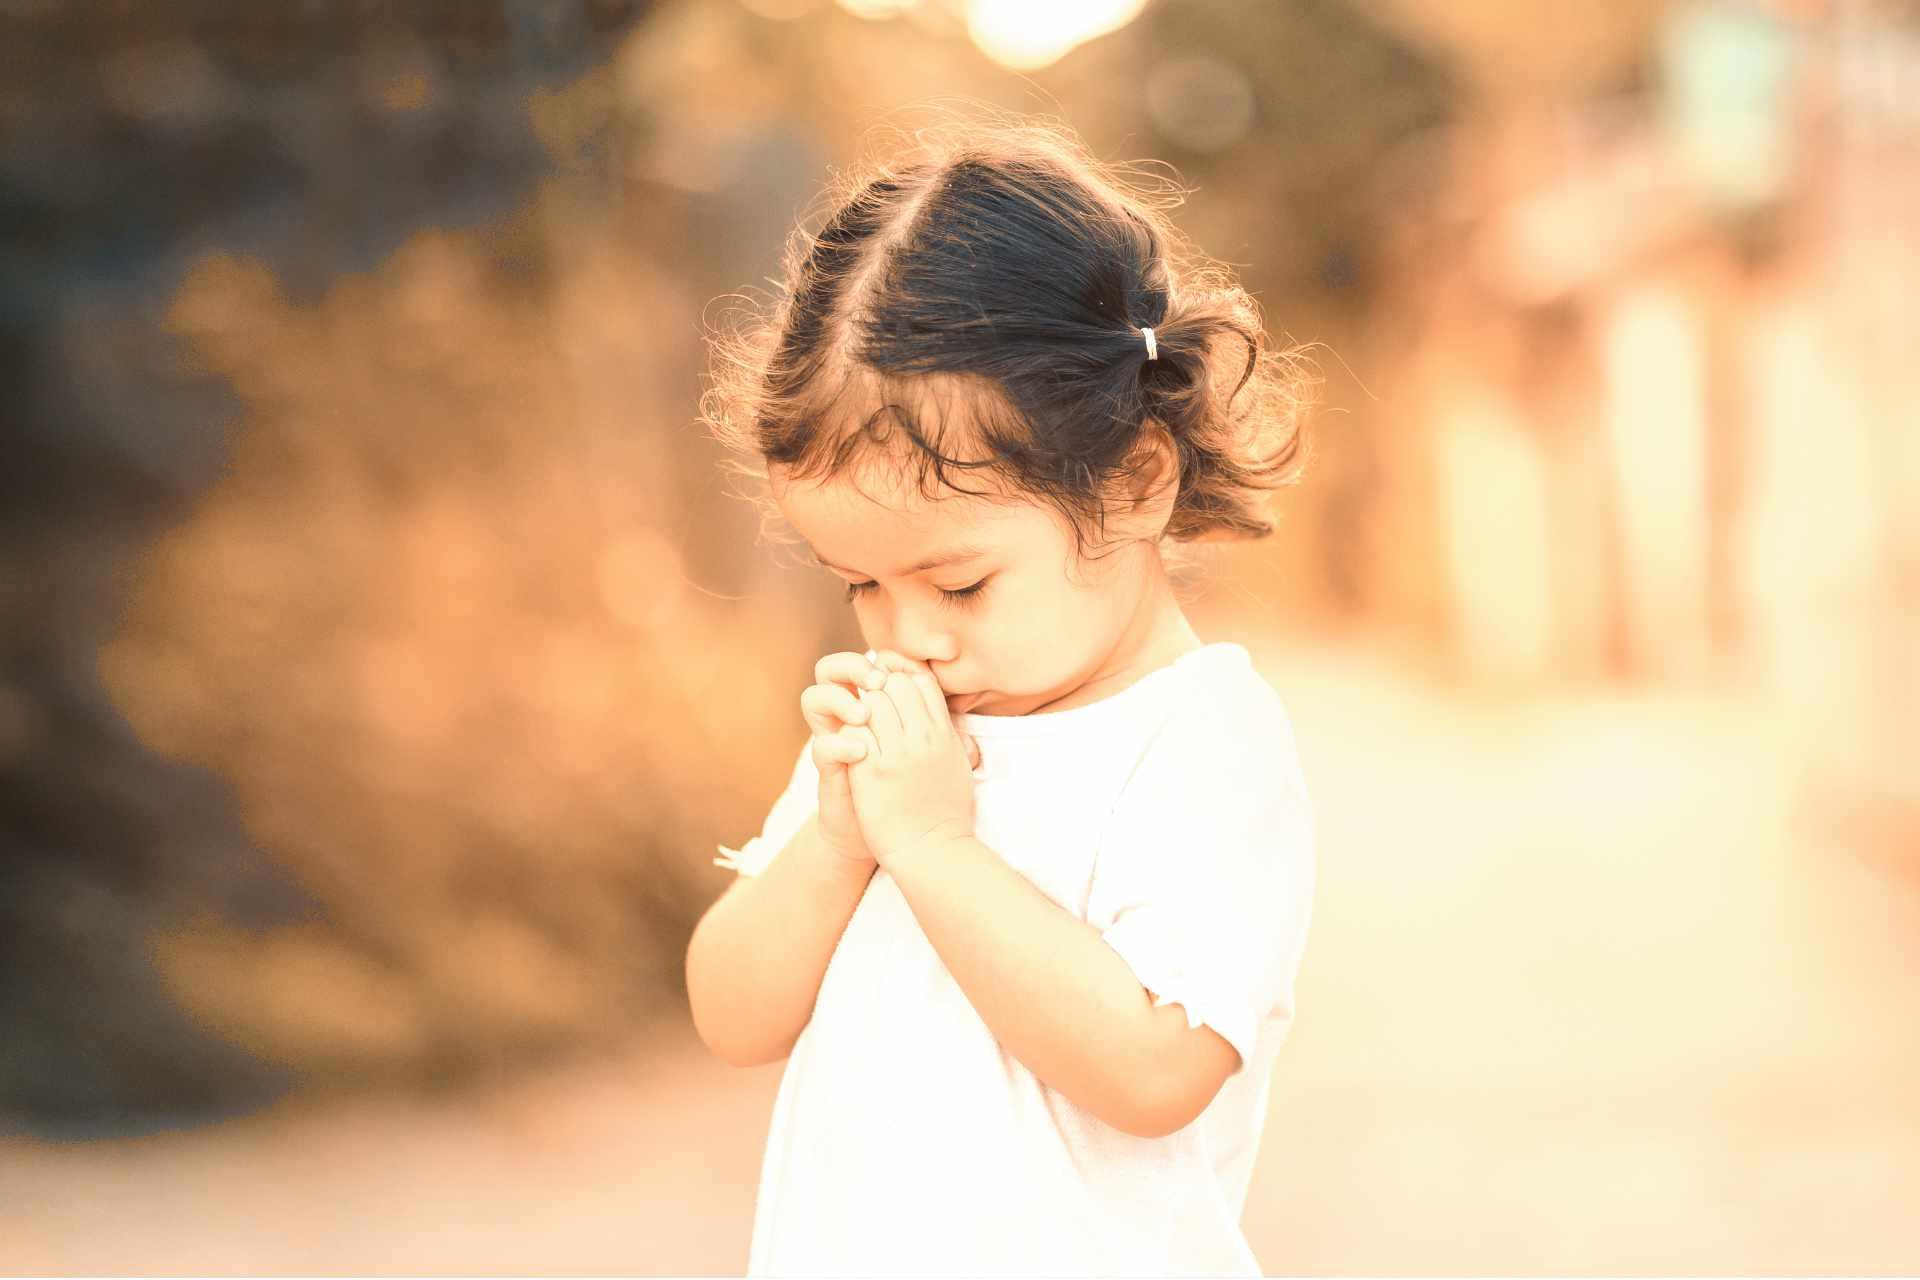 Jeune enfant de 3 ou 4 ans occupé de prier